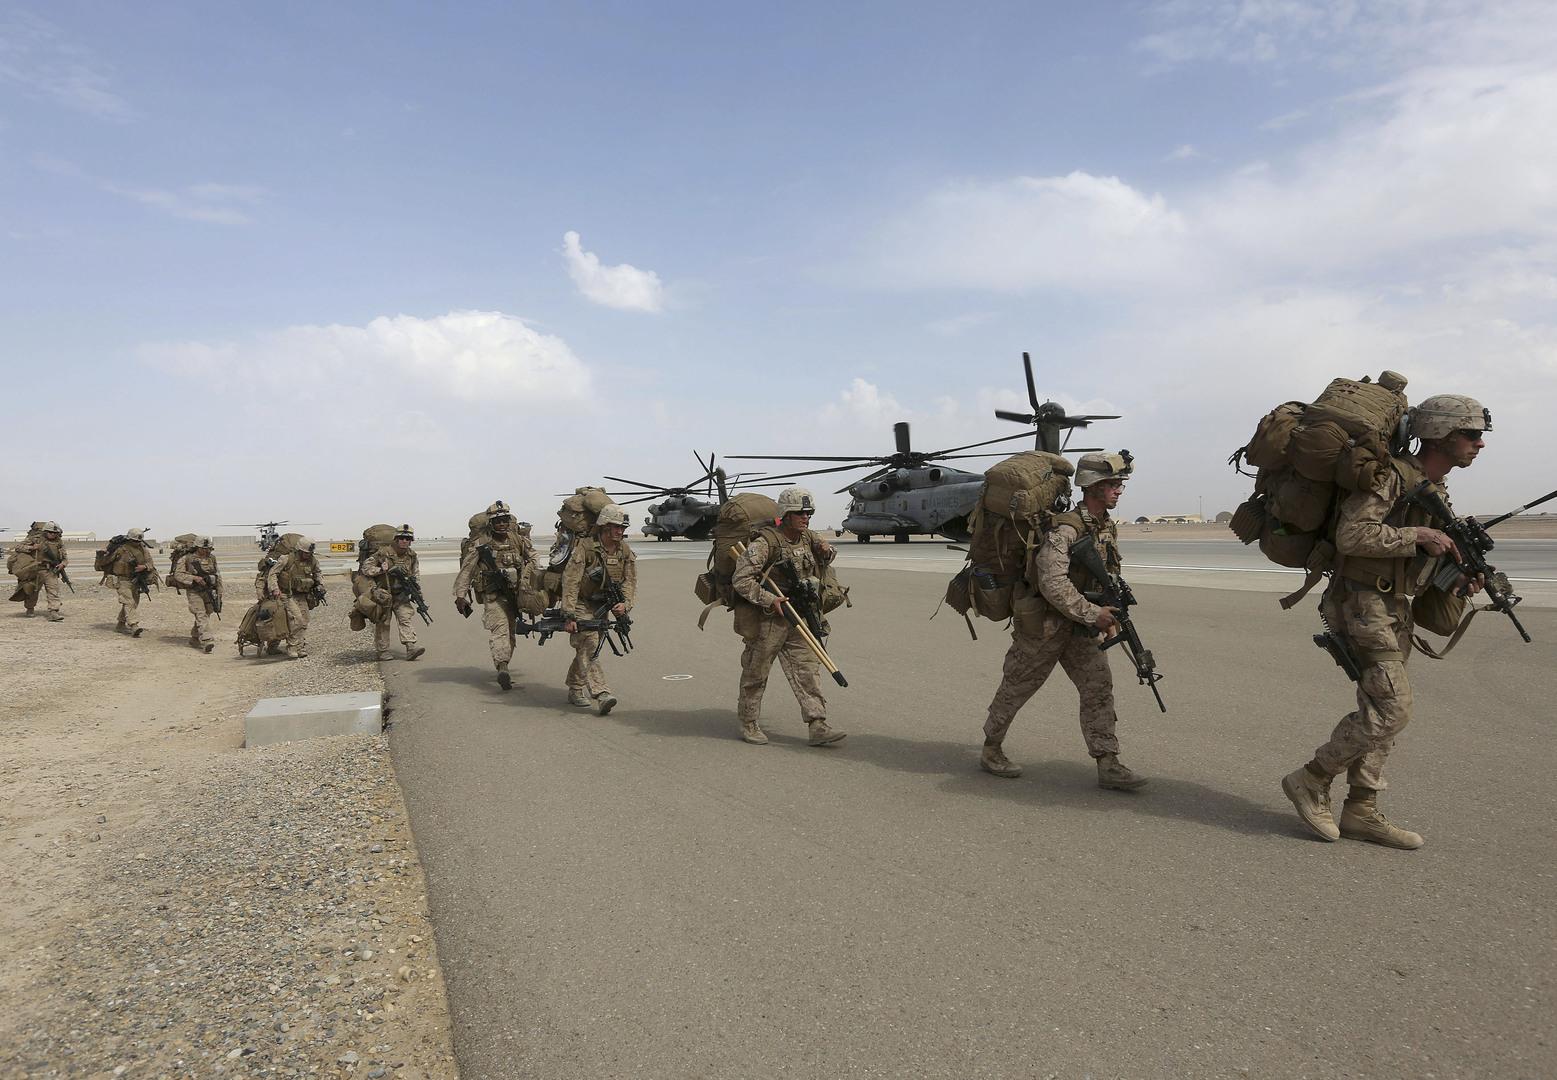 صحيفة: الحلفاء الأوروبيون يطالبون واشنطن بإبطاء الانسحاب من أفغانستان